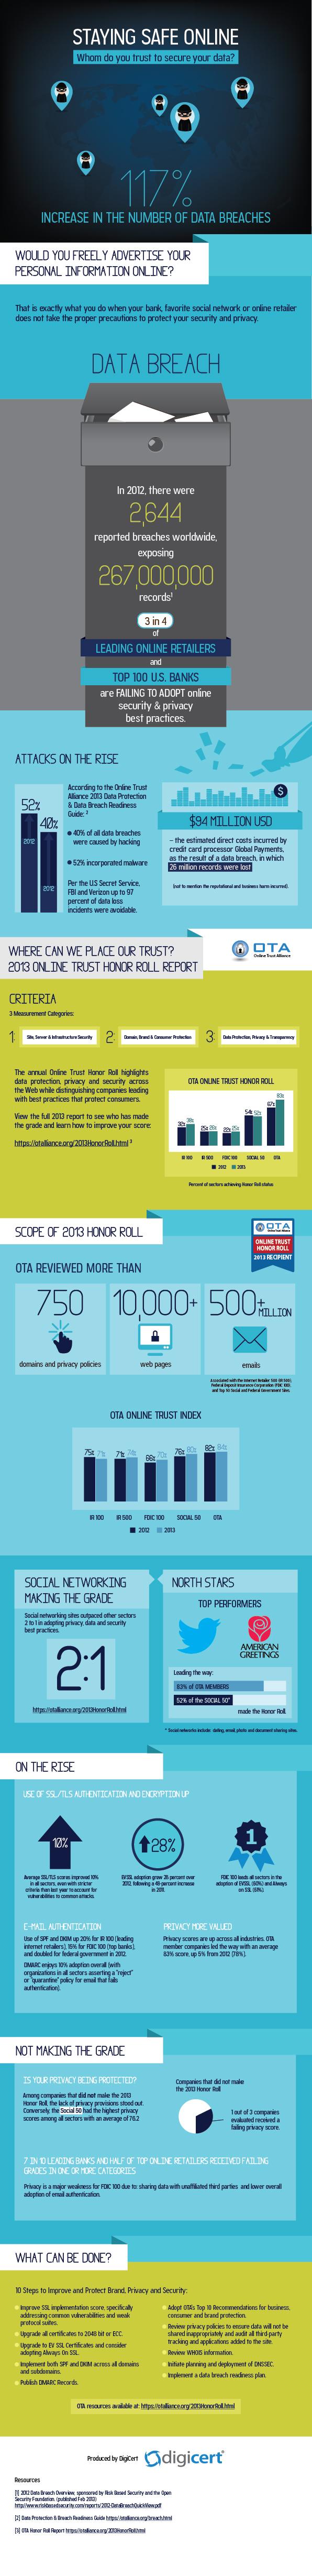 Wie bleiben Sie online sicher?